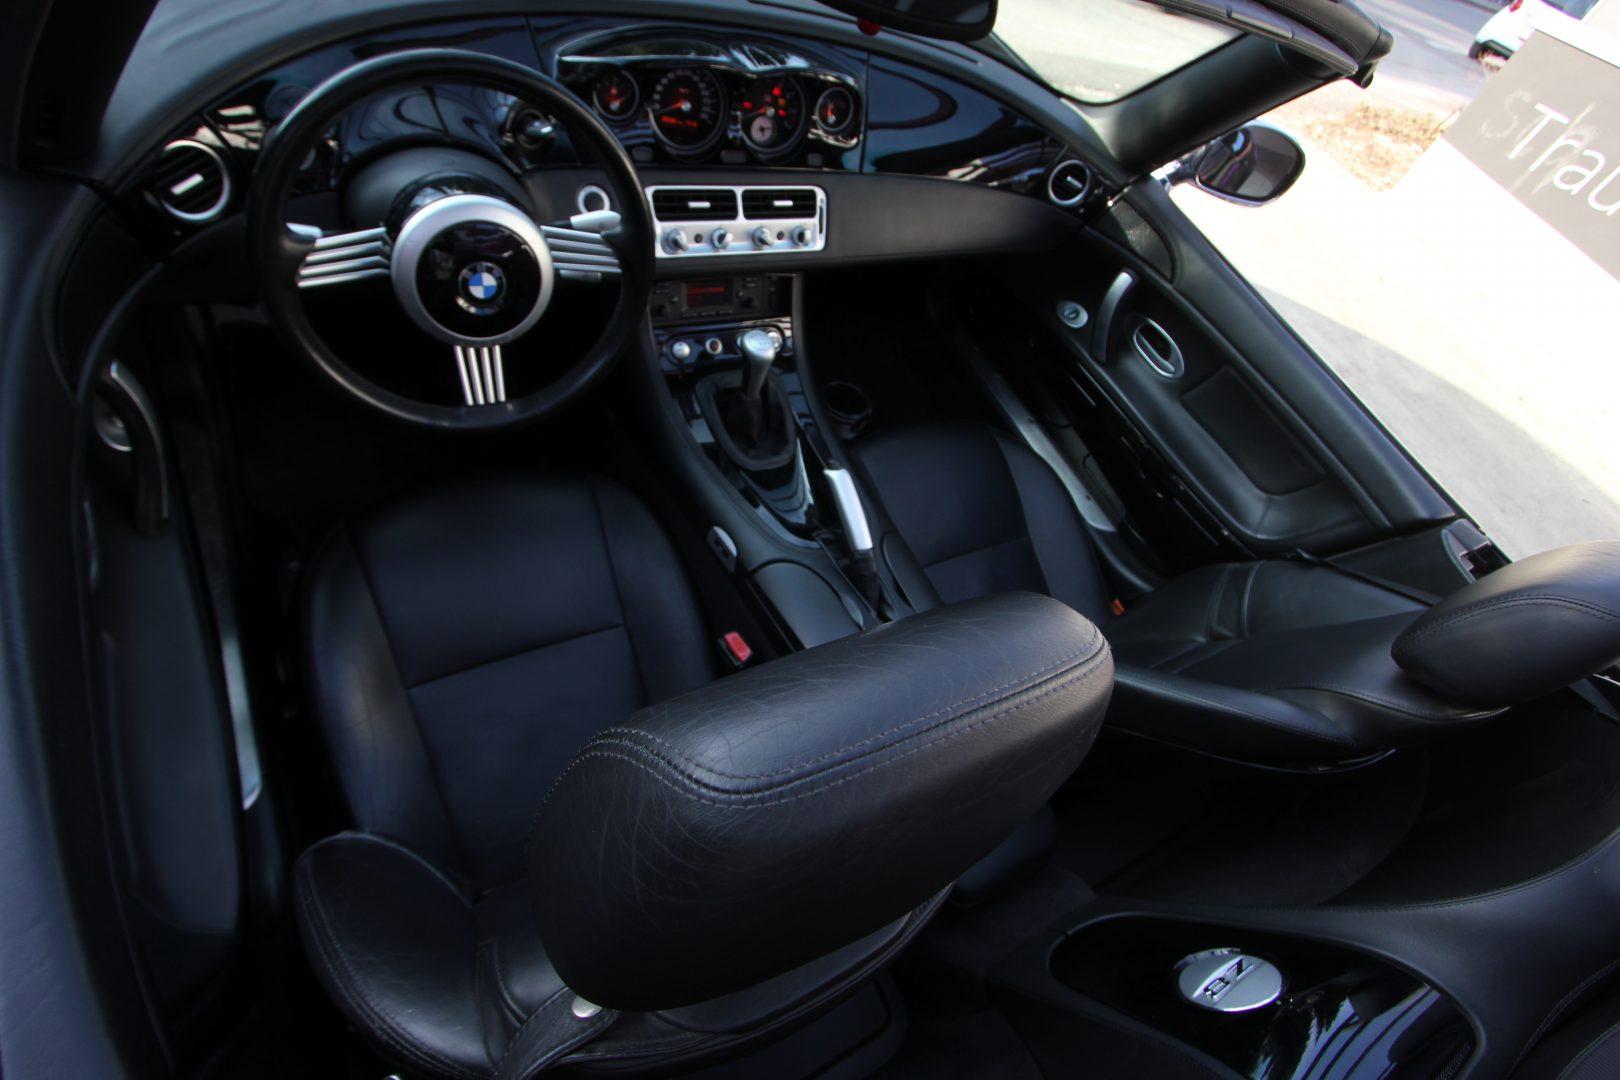 AIL BMW Z8 Performance Paket 5.0 V8 1